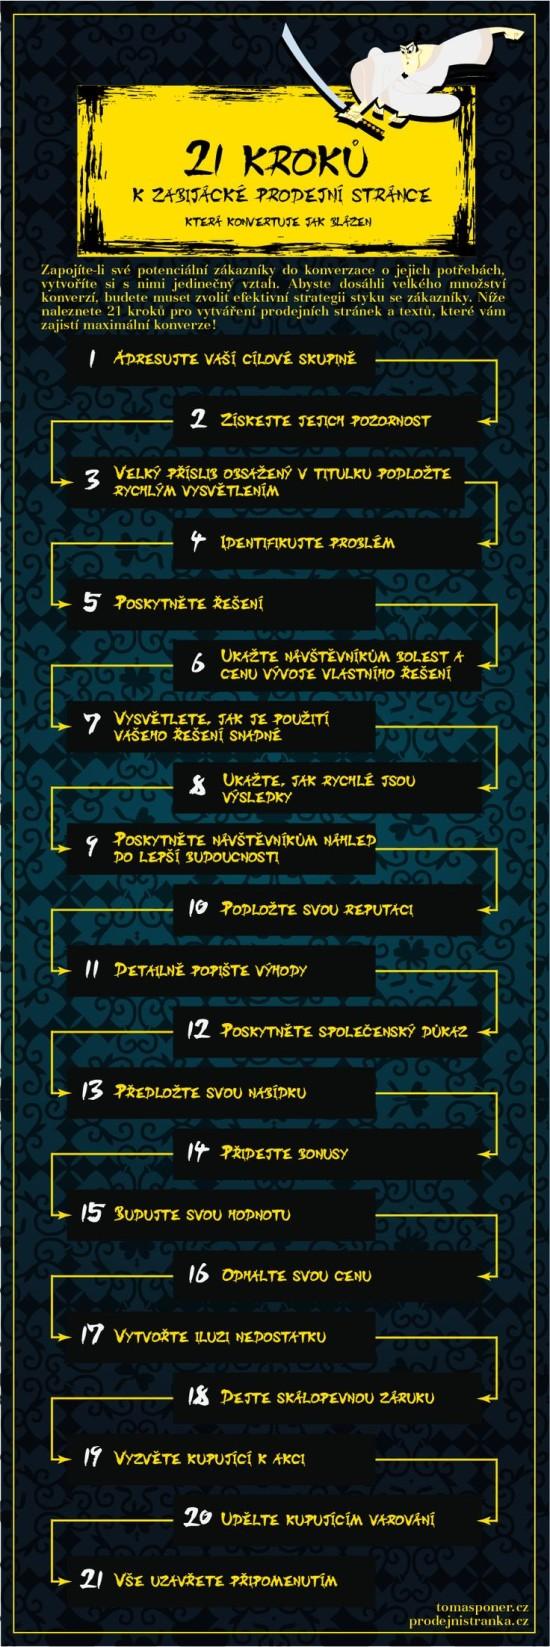 21 kroku k zabijacke prodejni strance, ktera konvertuje jak blazen - infografika